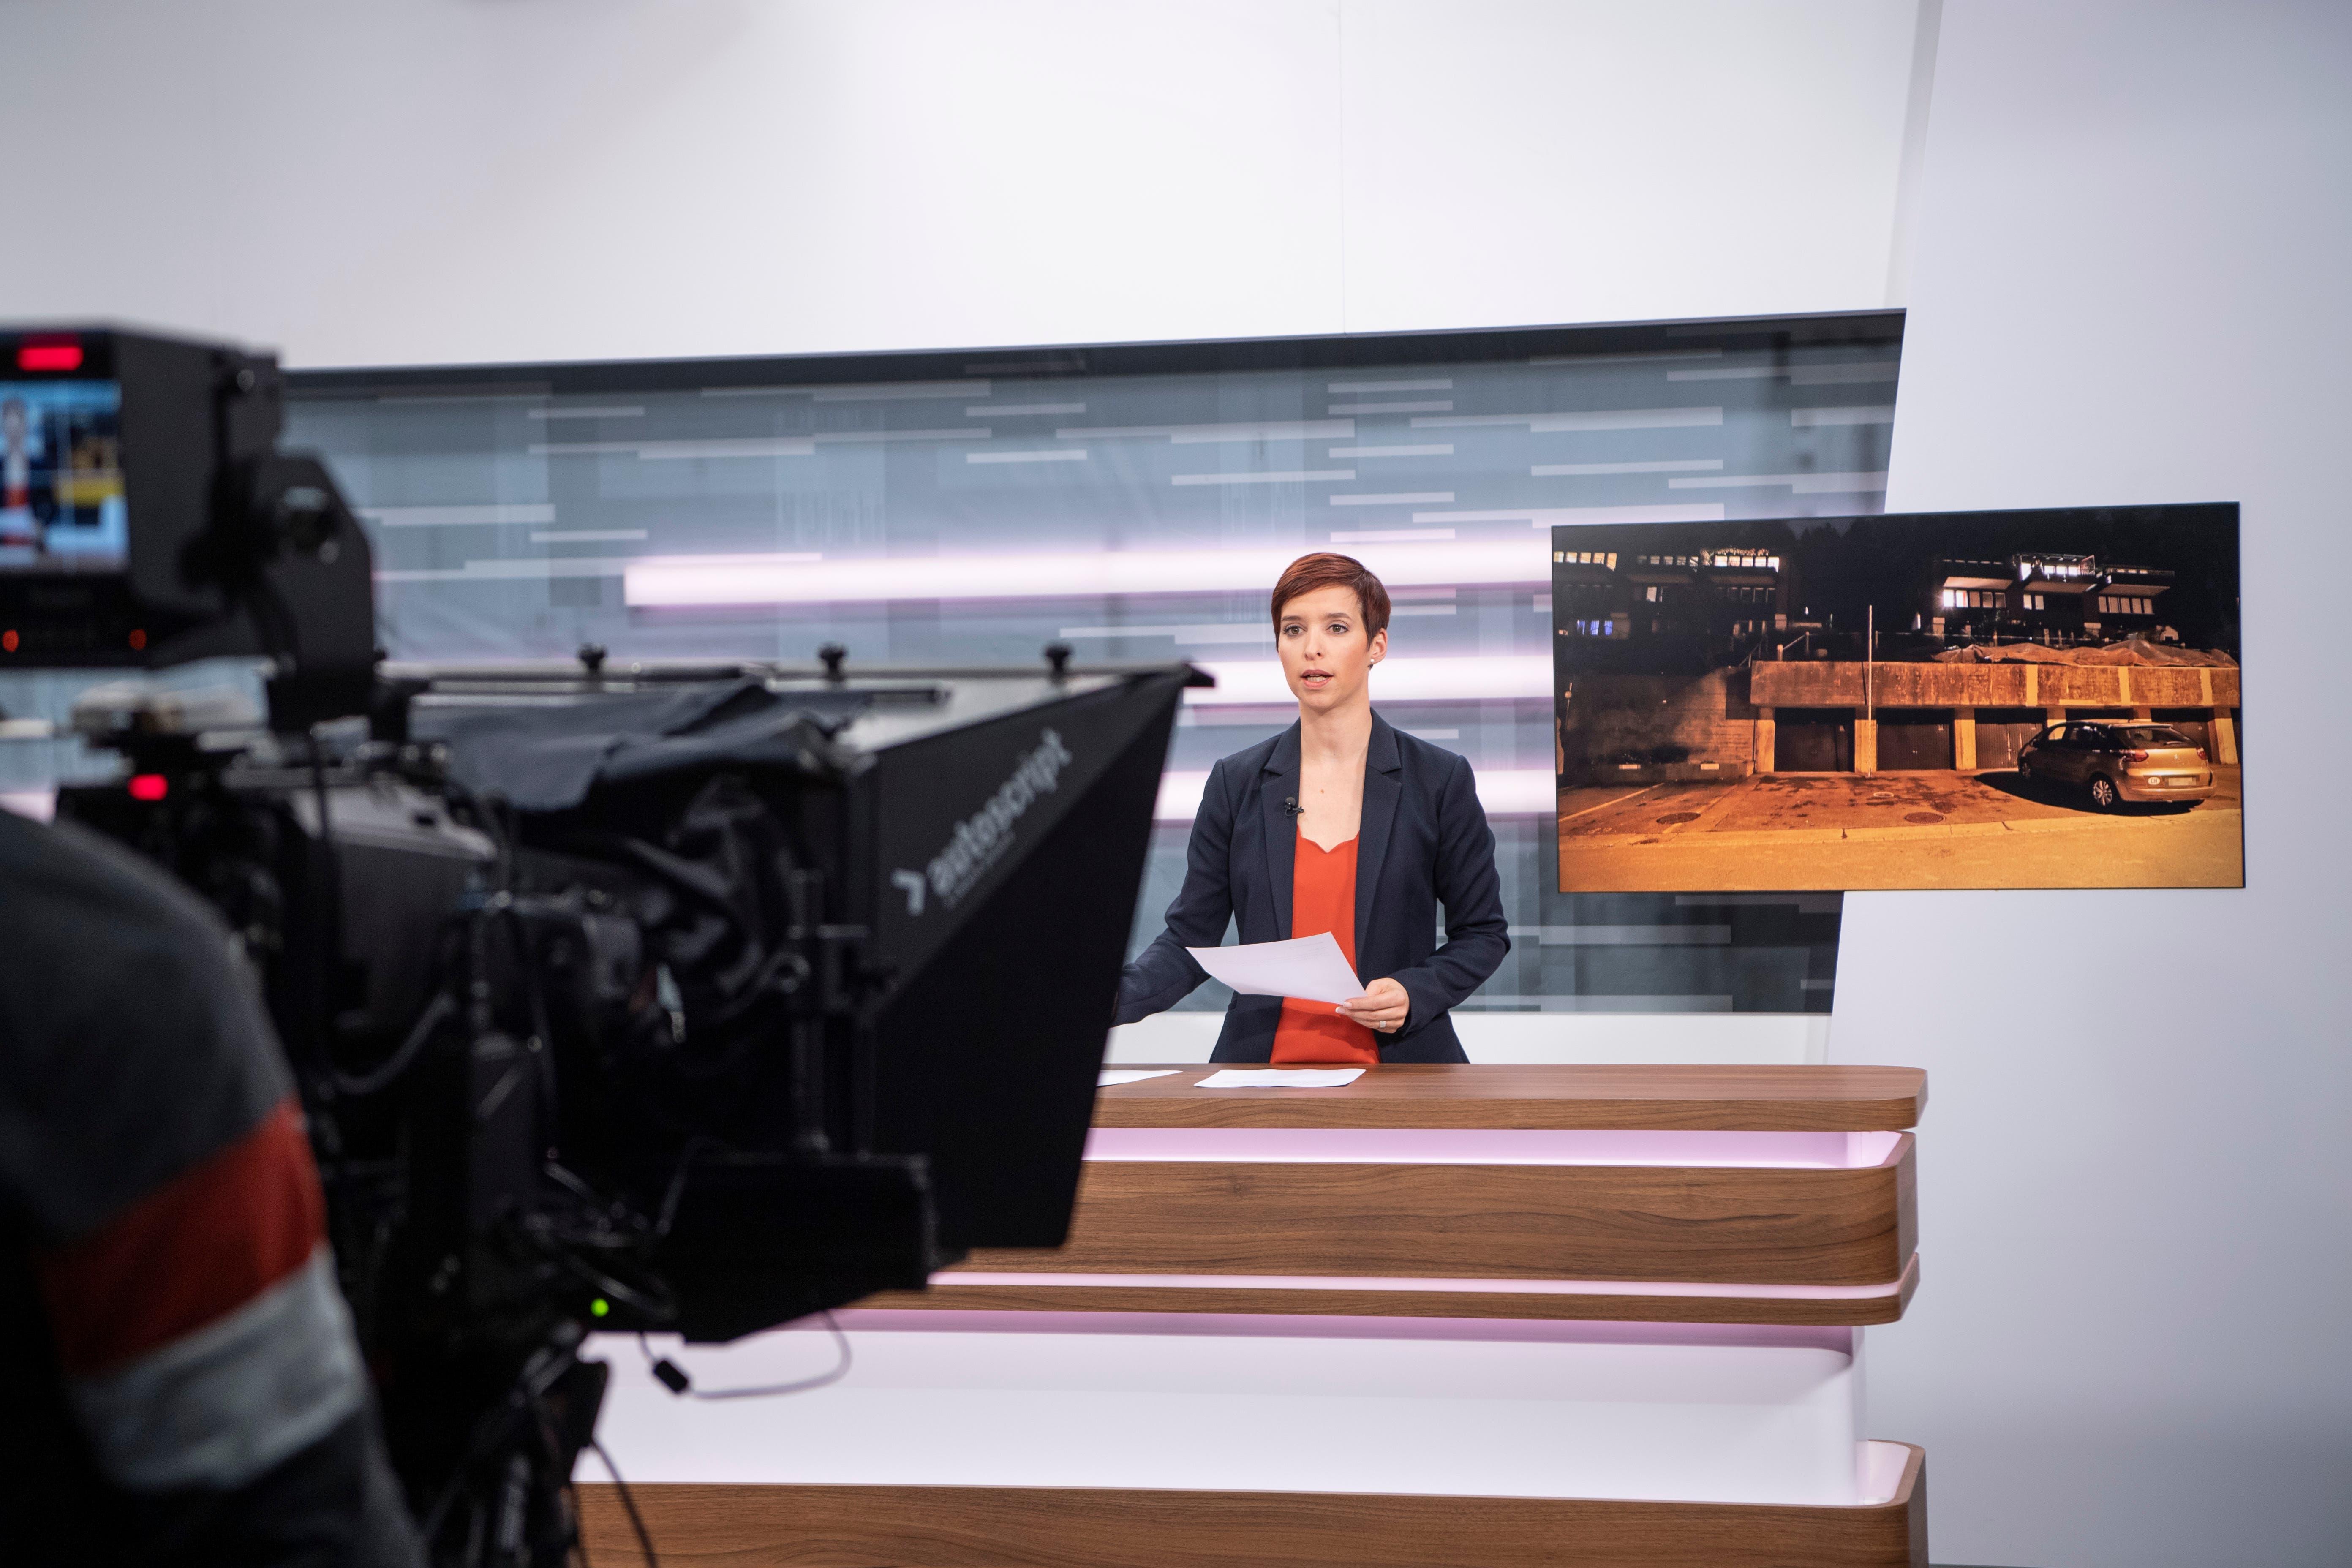 Das Regionalfernsehen TVO sendet neu ab der Fürstenlandstrasse in St.Gallen. (Bilder: Ralph Ribi)